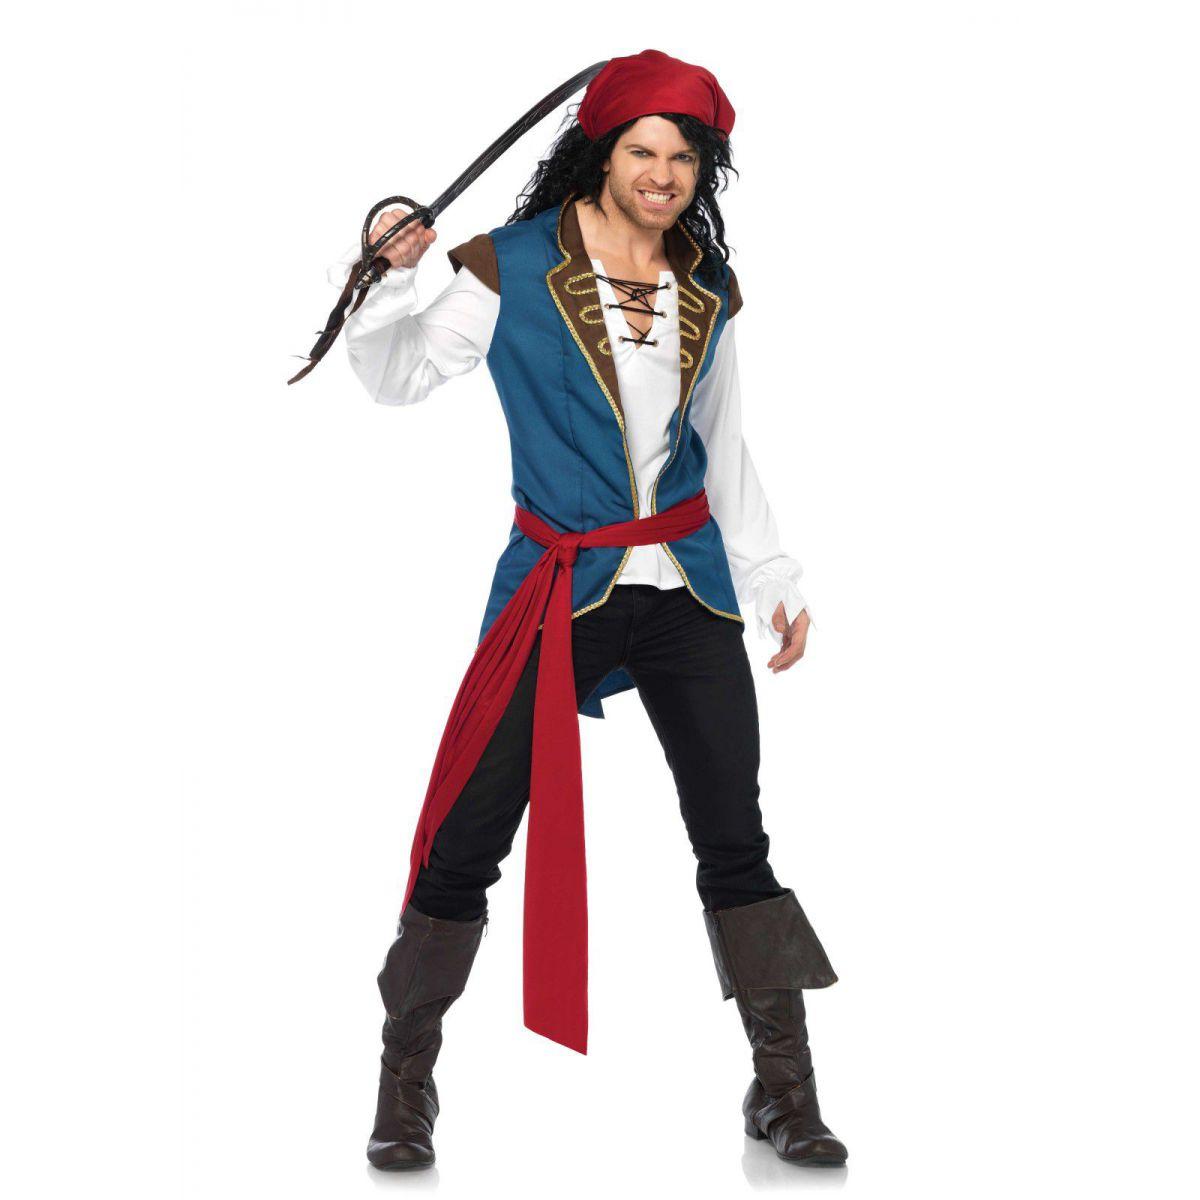 Disfraz carnaval para hombre 3 piezas de Leg Avenue de pirata atractivo